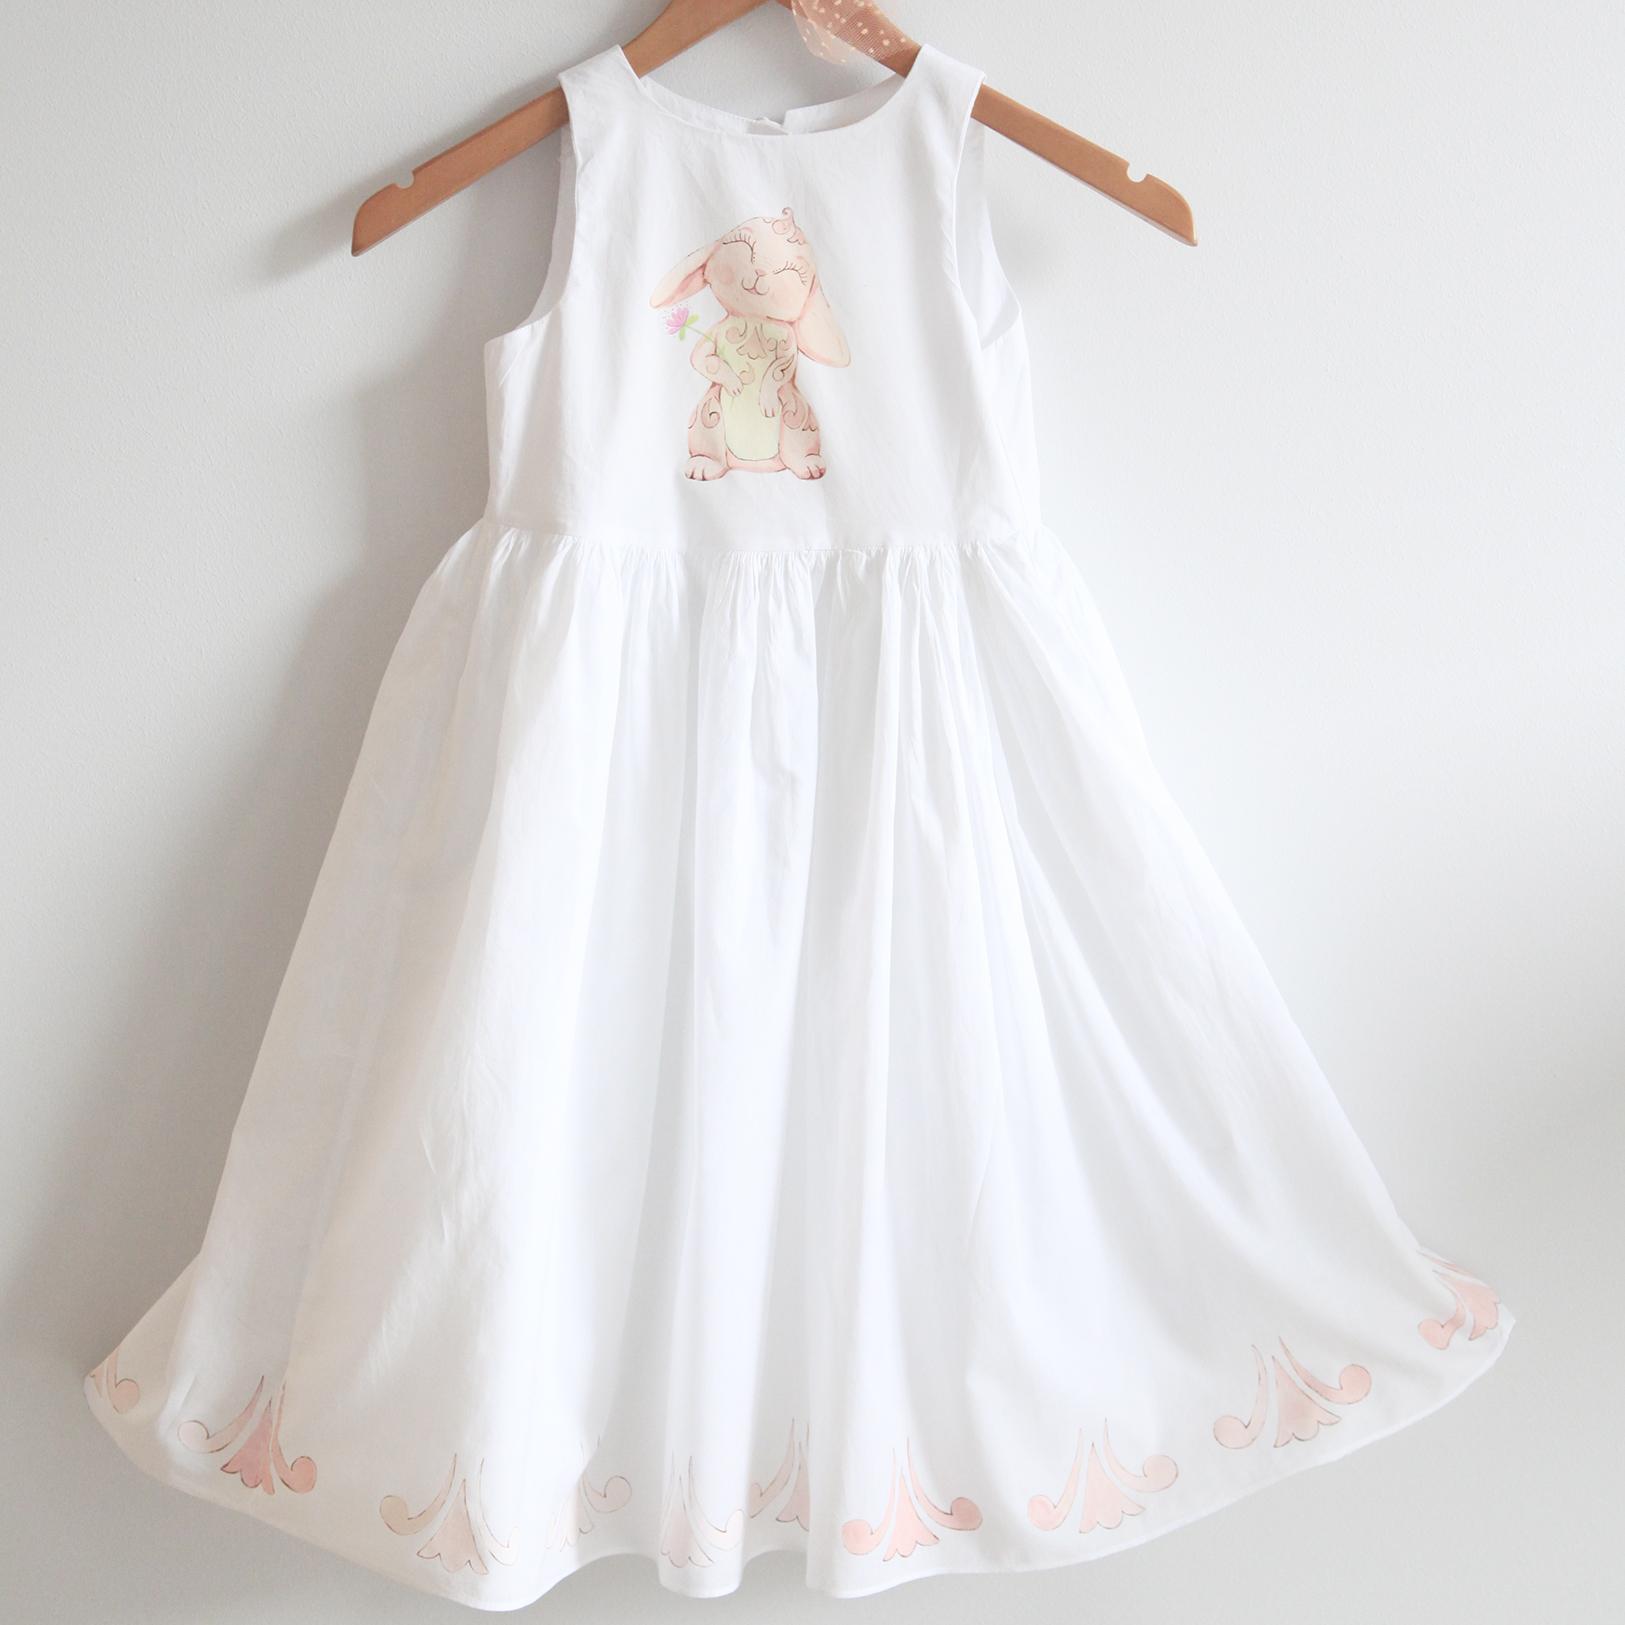 miya_dress_2.jpg